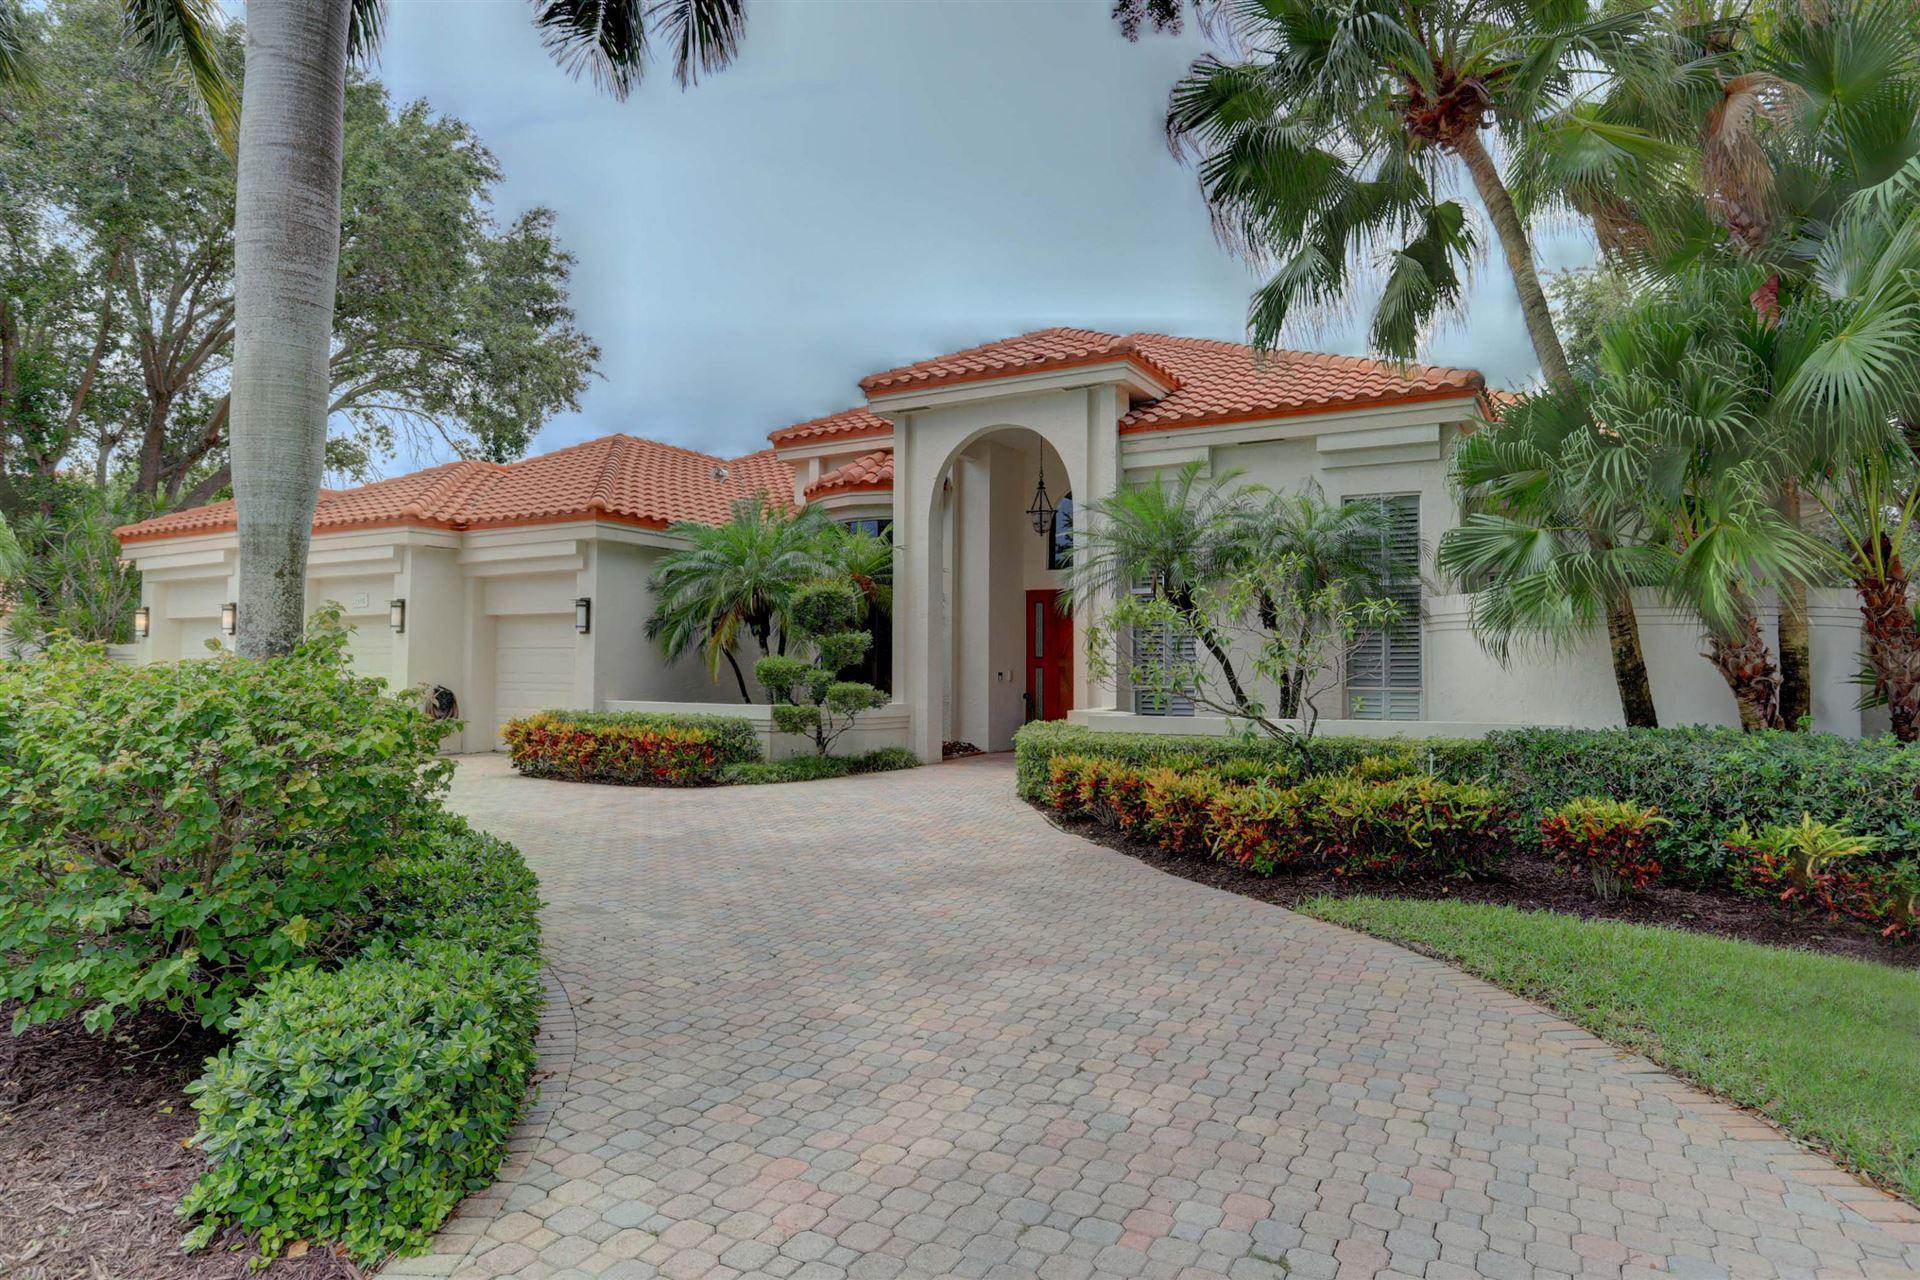 1605 SW 20th Avenue, Boca Raton, FL 33486 - #: RX-10625786